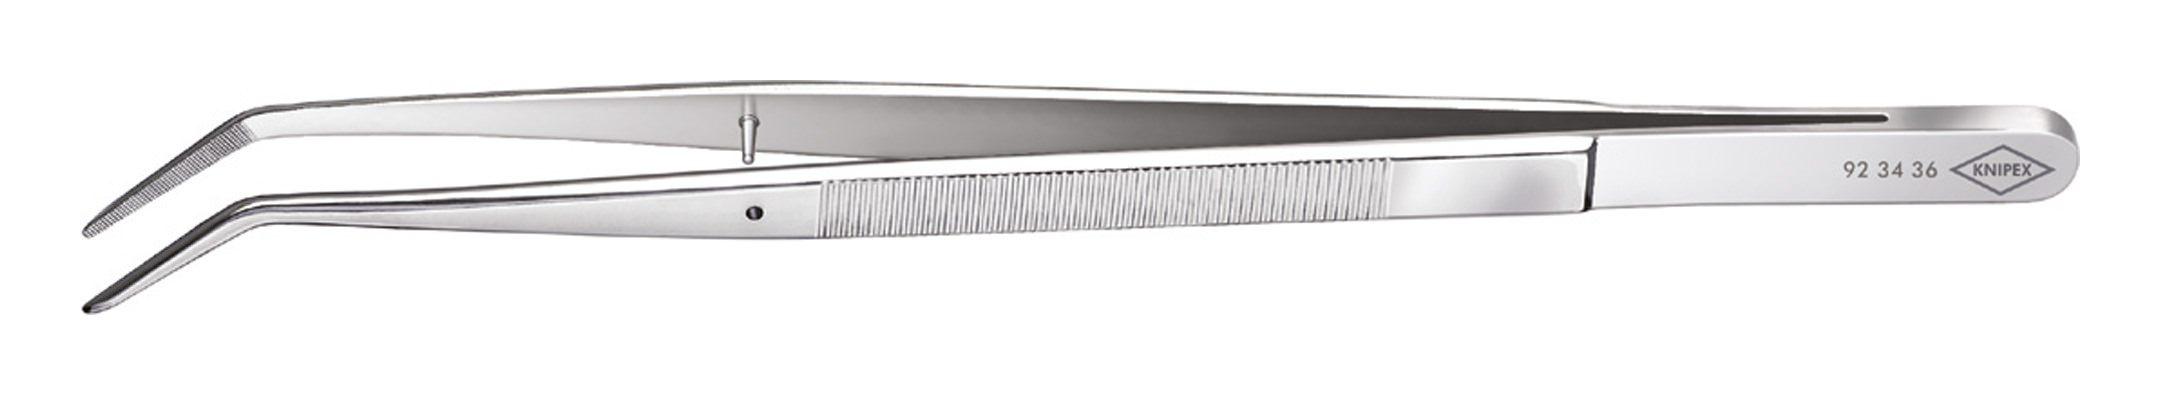 Knipex Präzisions-Pinzette vernickelt 155mm spitz gebogen - 92 34 36